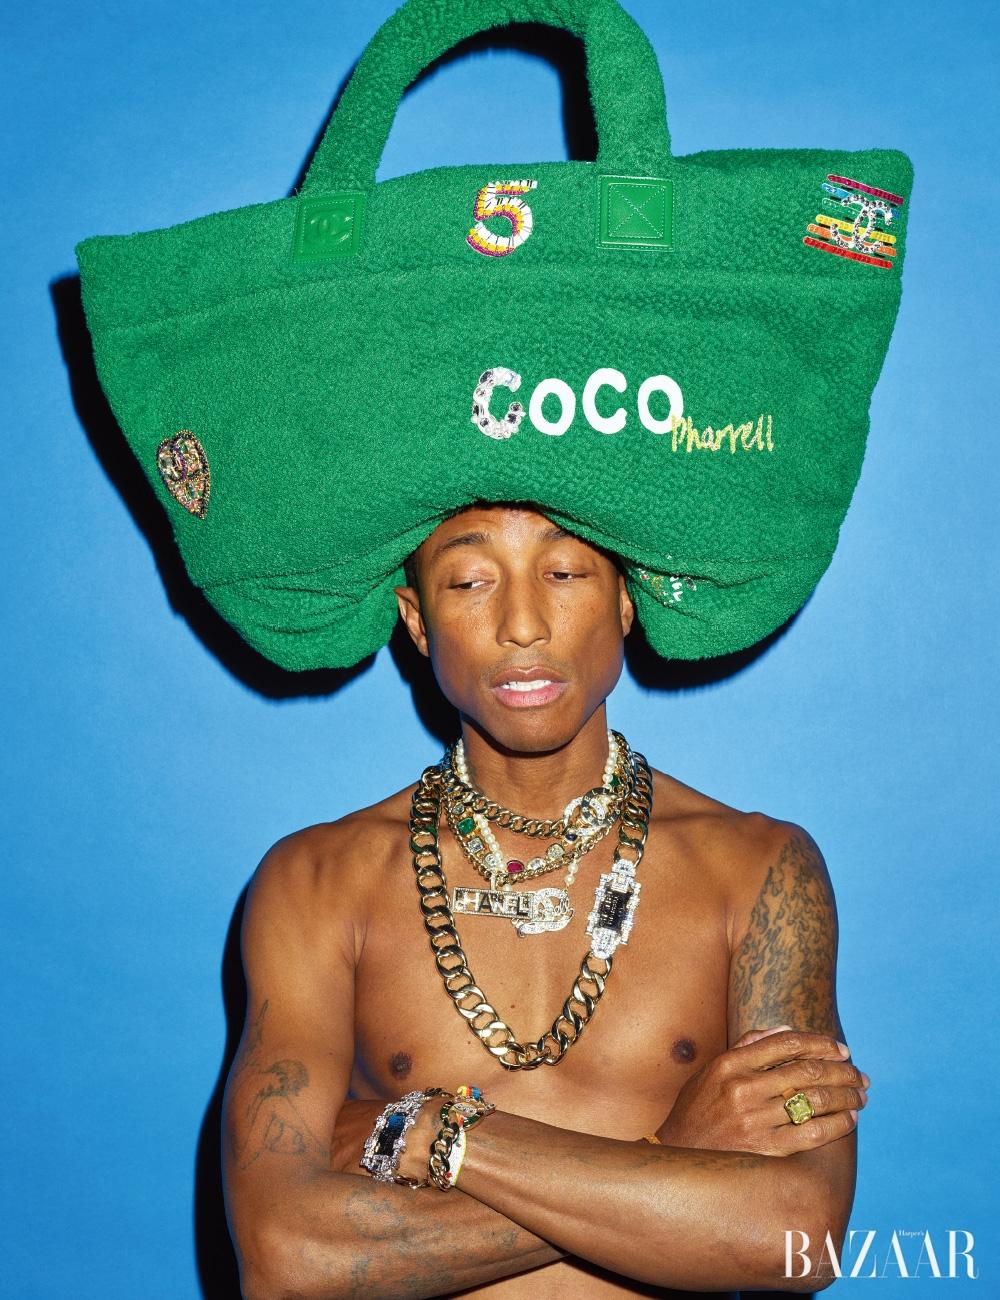 오버사이즈 쇼퍼 백, 레이어드한 4개의 목걸이, 팔찌는 모두 CHANEL-Pharrell Capsule Collection, 컬러 스톤 장식 목걸이와 반지는 개인 소장품.